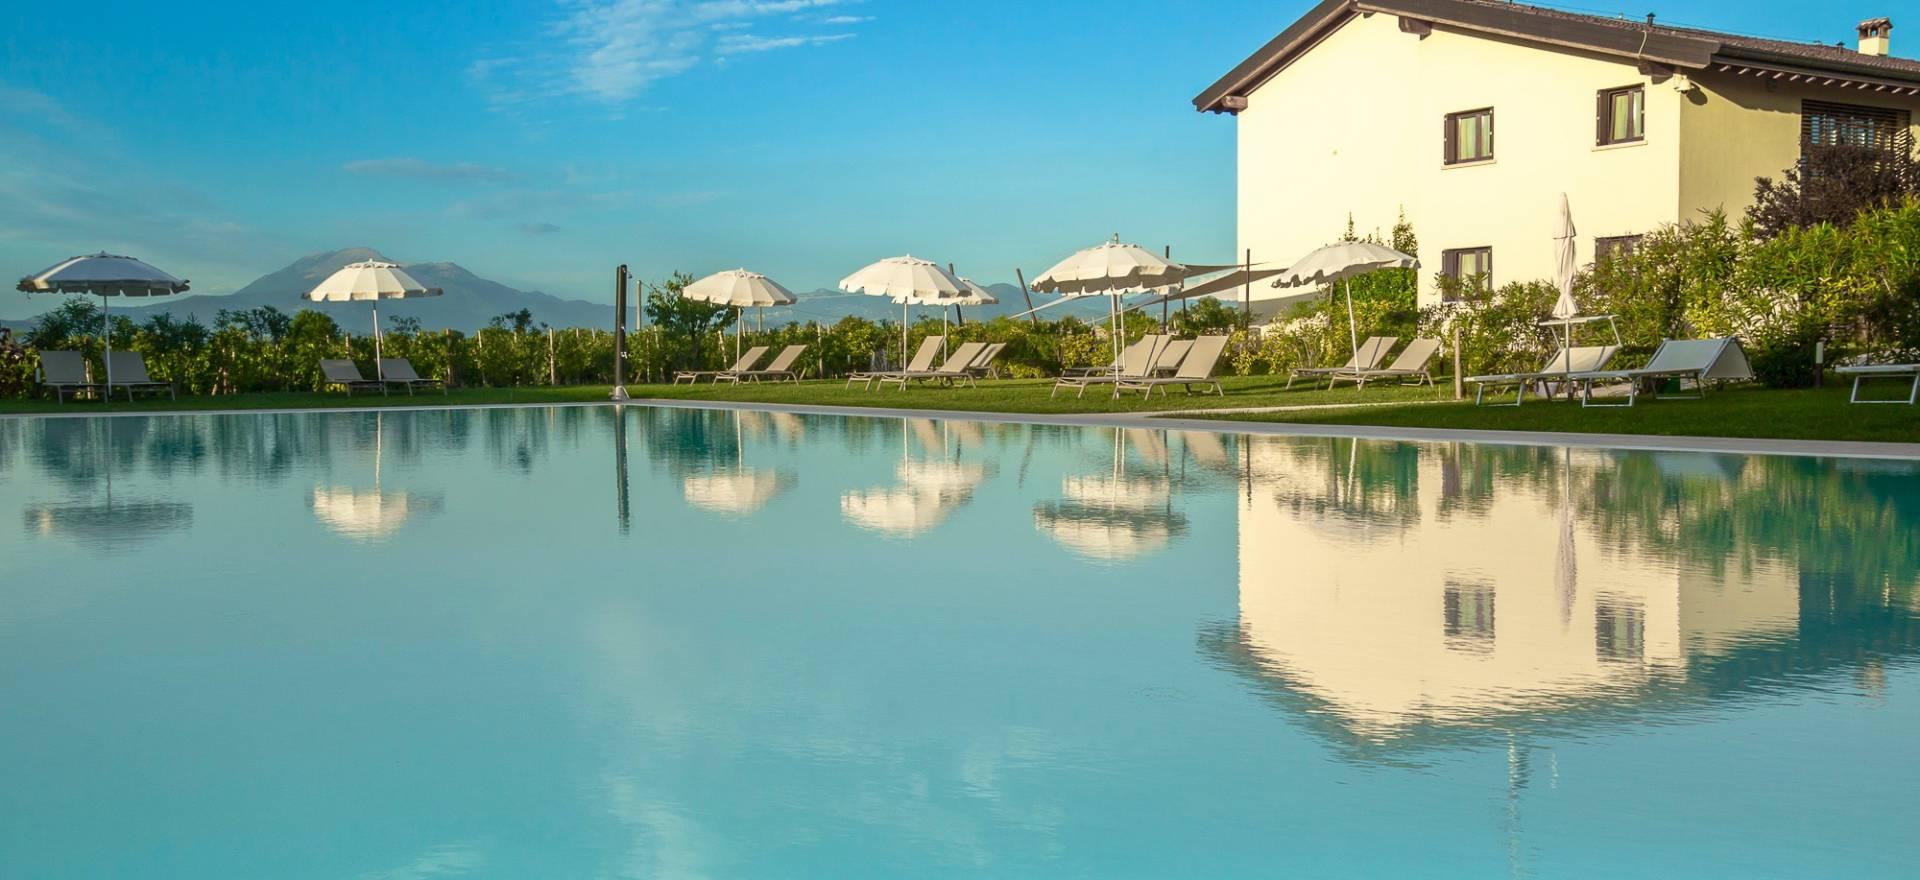 Familie agriturismo Gardameer met groot zwembad